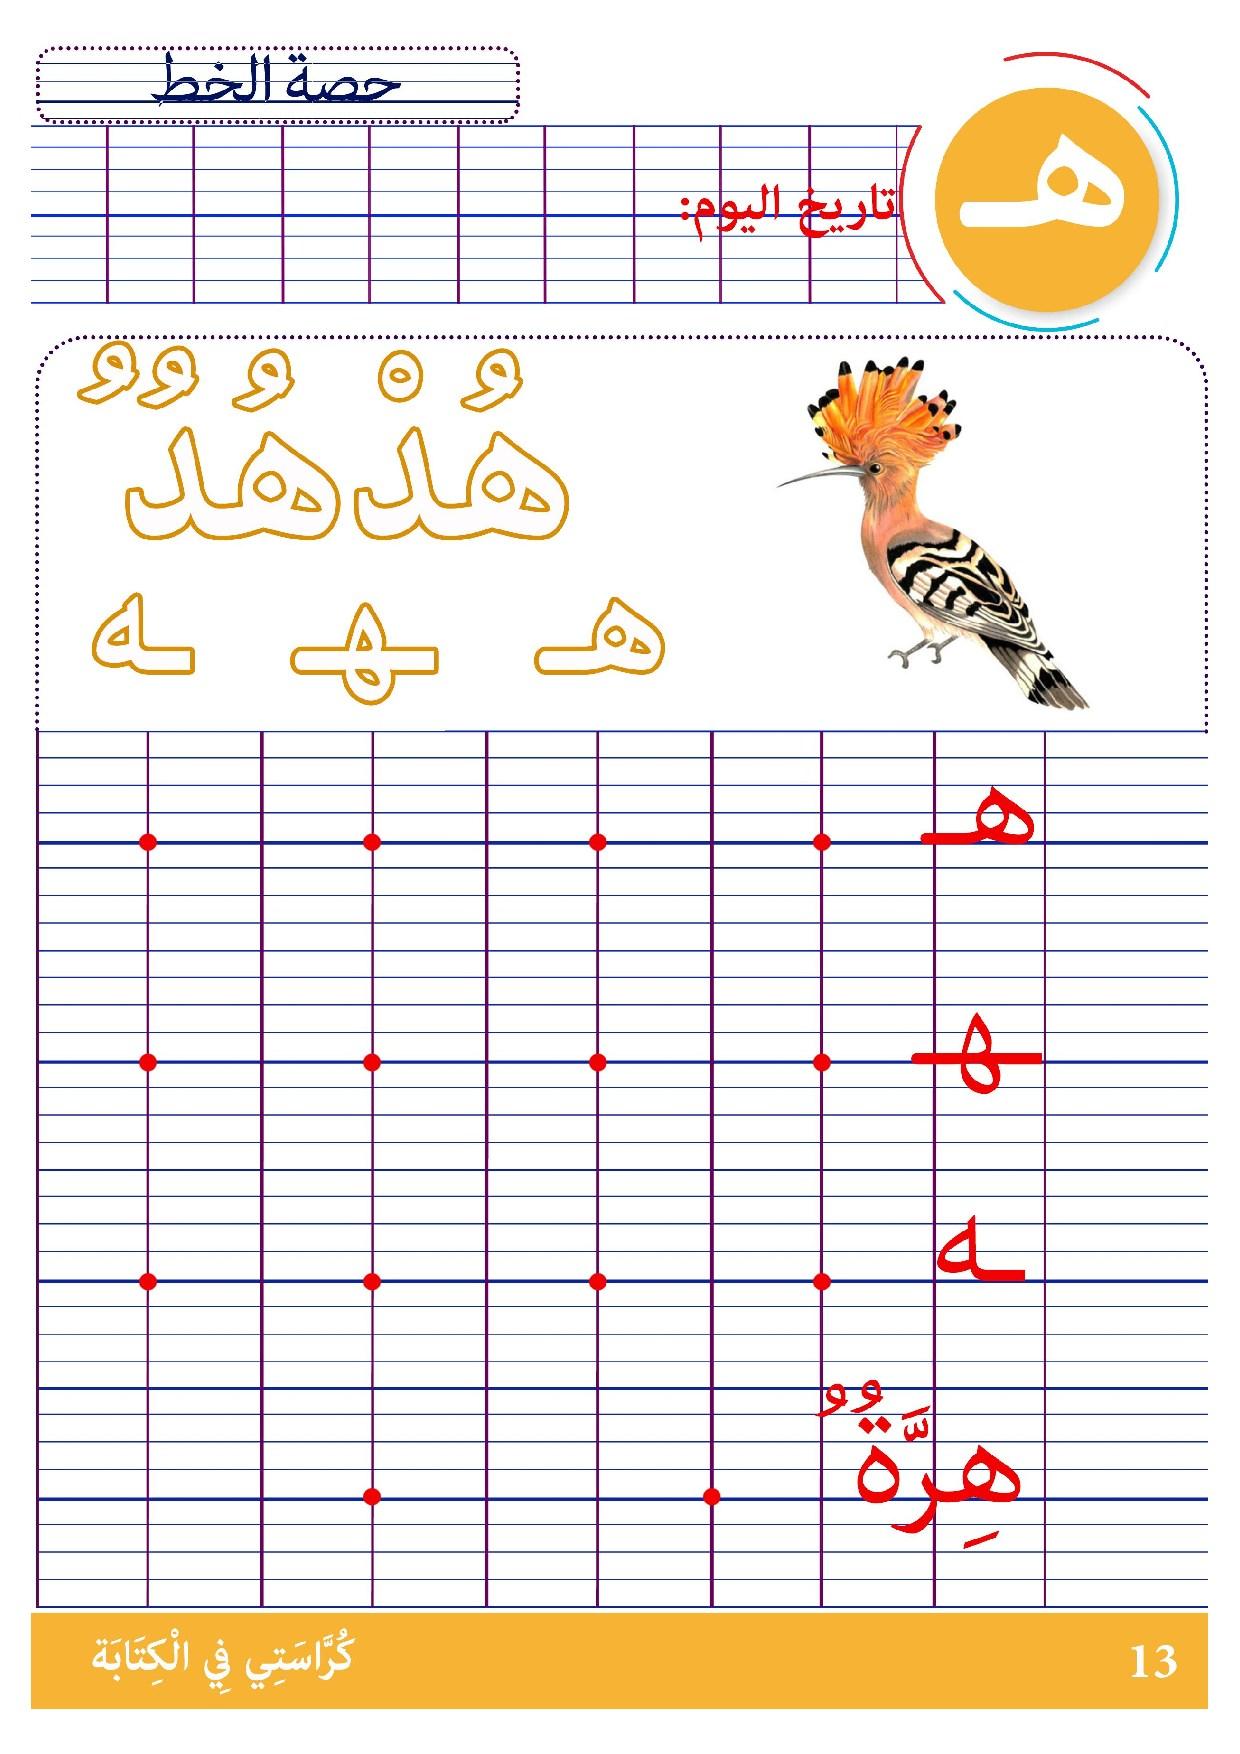 صورة كتابة حرف الهاء , طريقة كتابة حرف اله